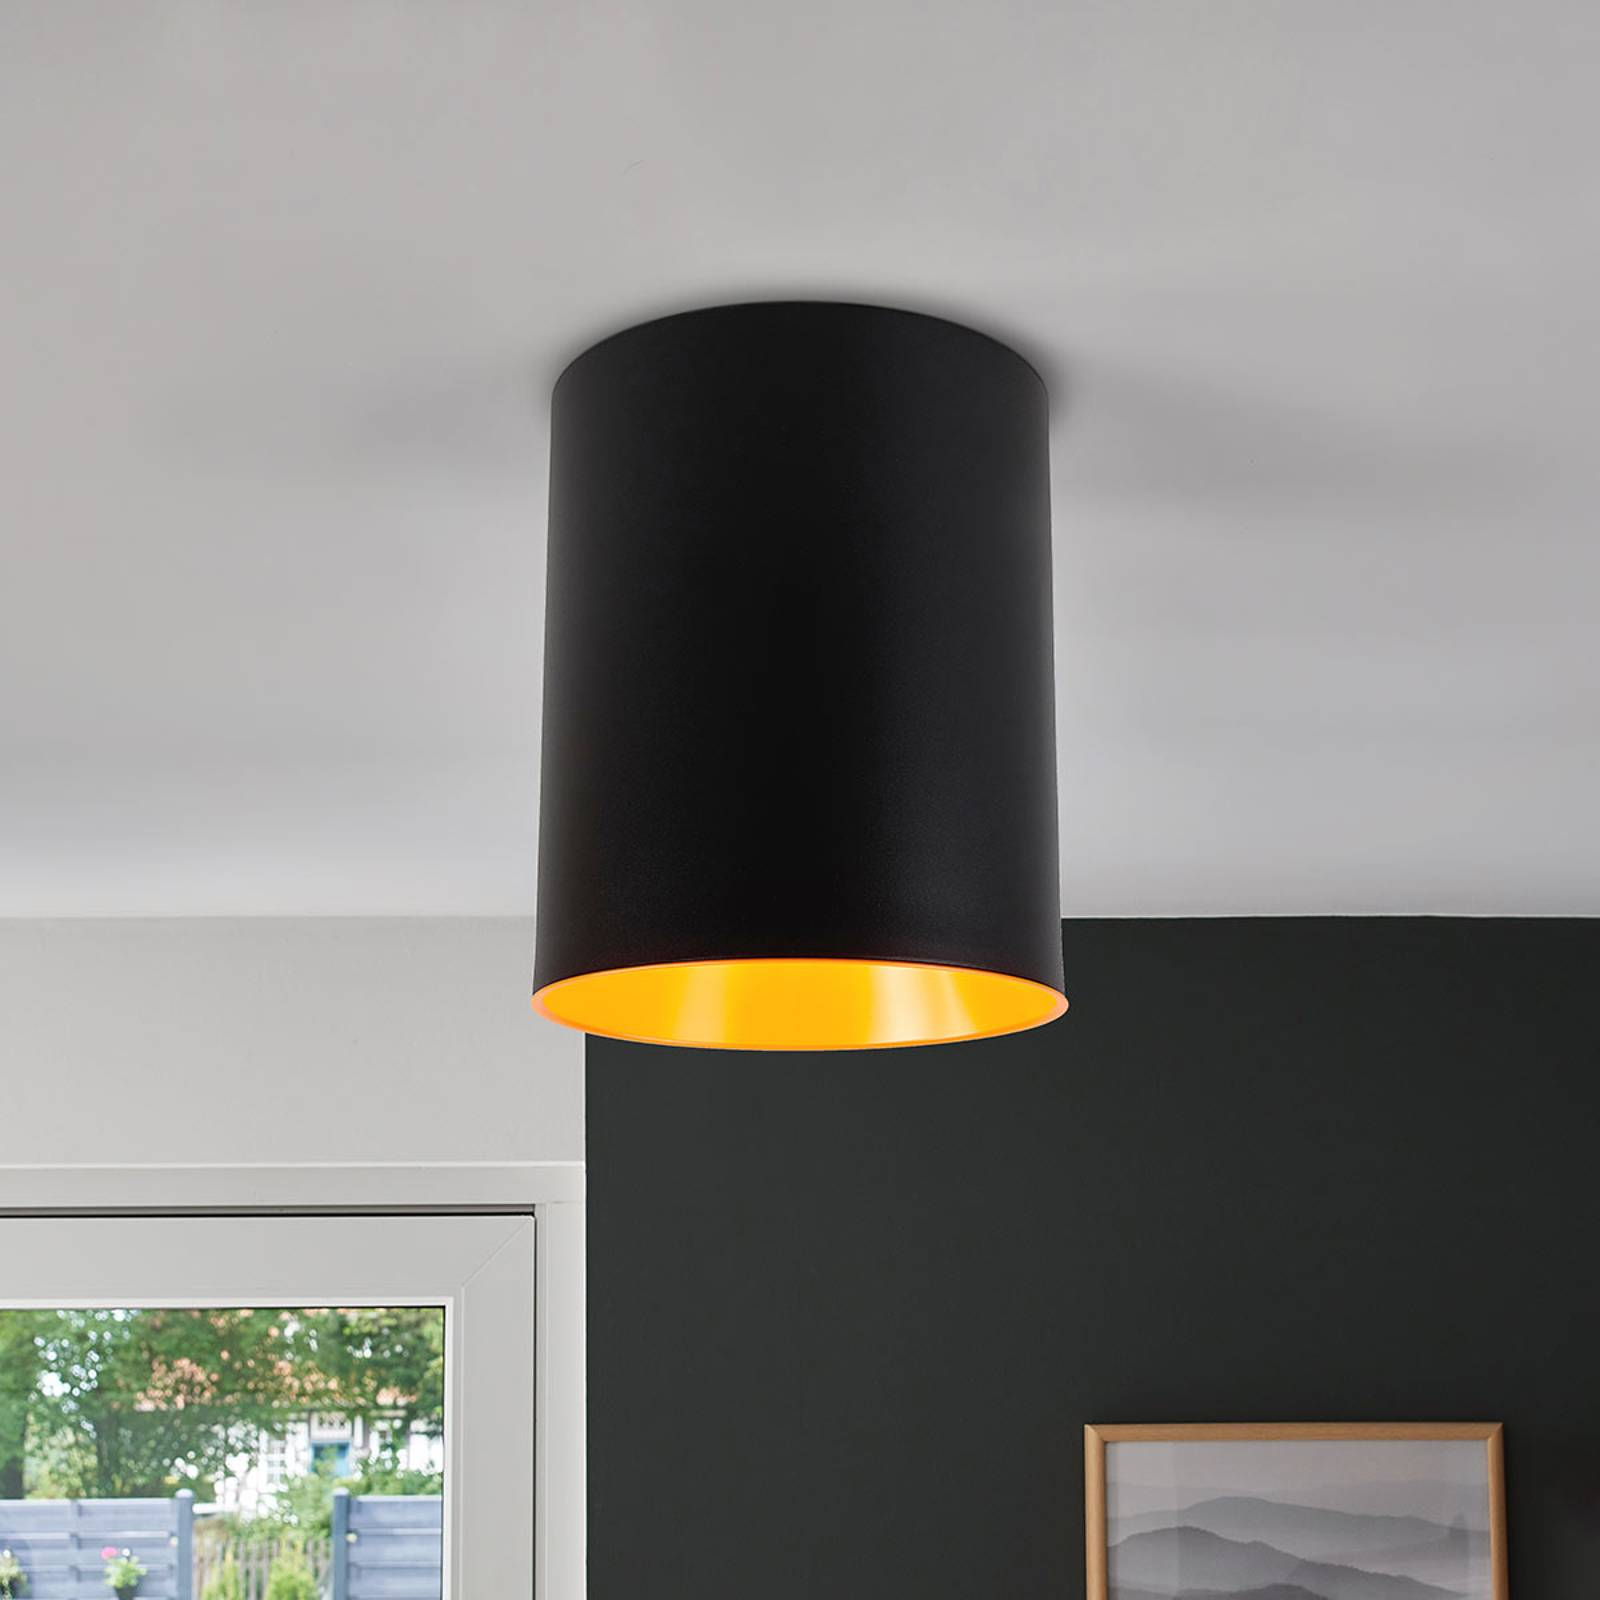 Artemide Tagora LED-Deckenleuchte in Zylinderform